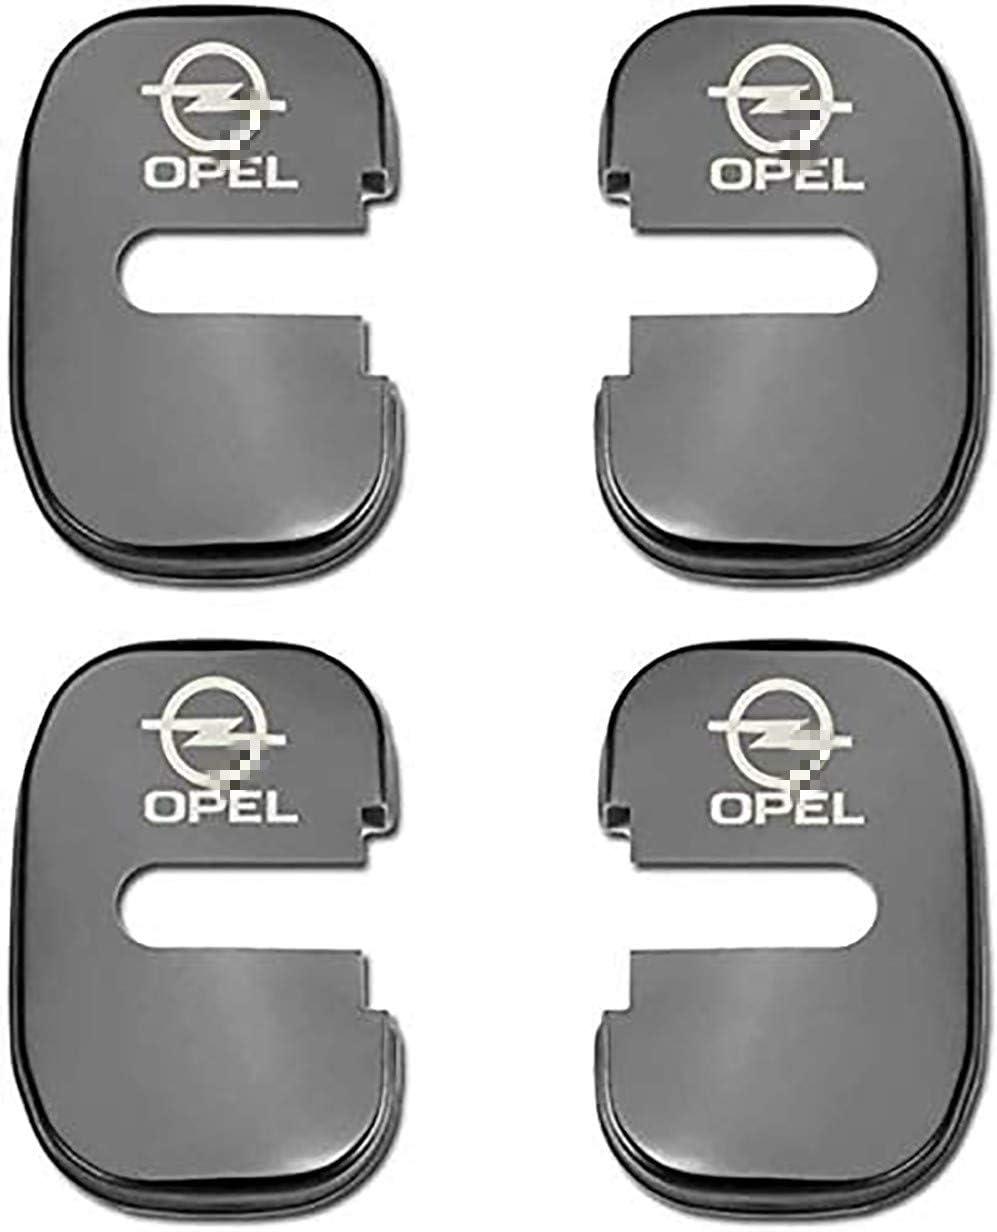 F/ür Opel Insignia Astra GTC Door Lock Cover T/ürschloss-Schlie/ßkappe Edelstahl Auto Protection Zubeh/ör N//A 4Pcs Car Styling T/ürschlossabdeckung